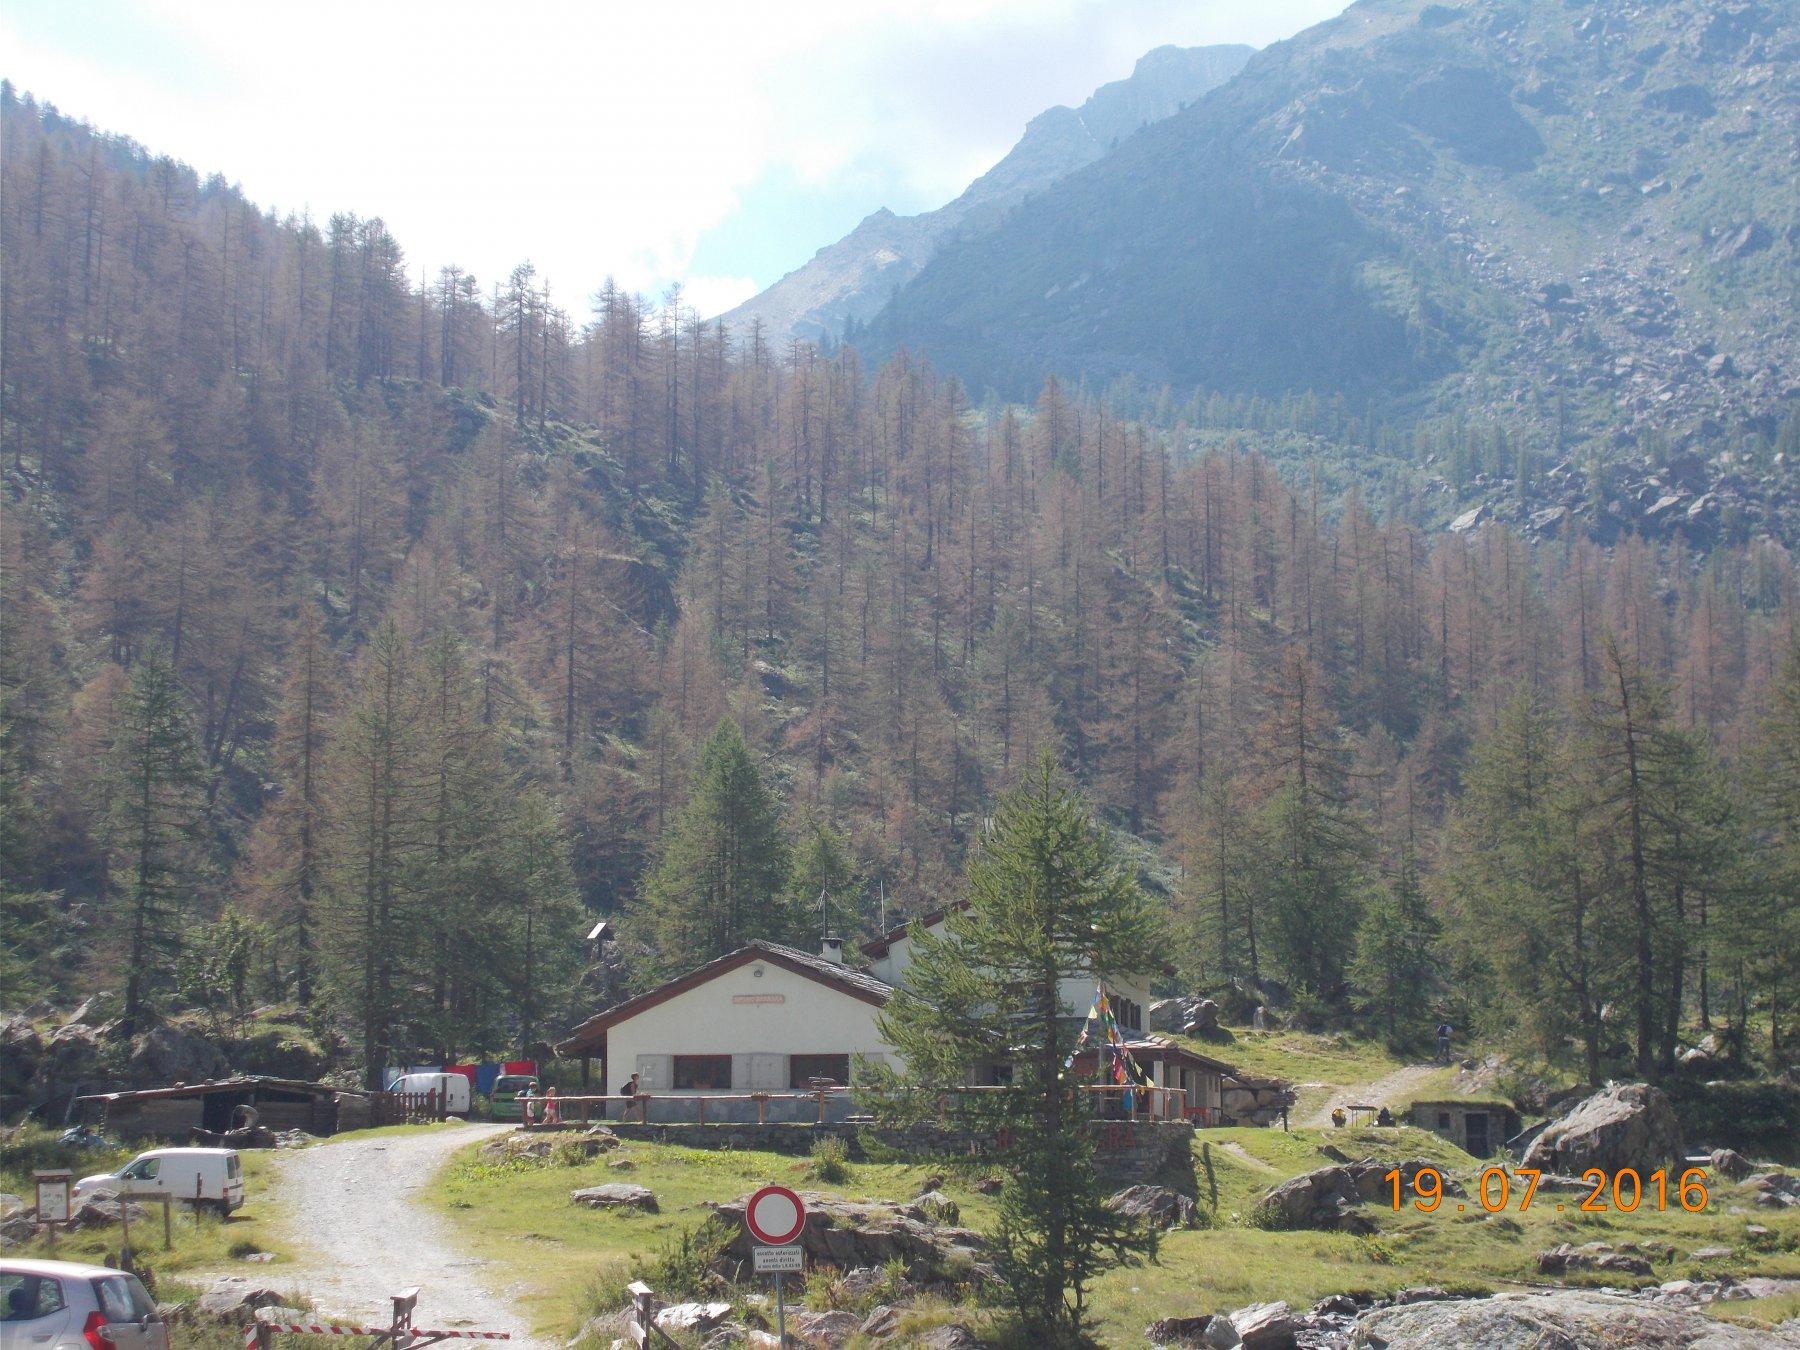 Partenza dal Rifugio Barbara Lowrie sito in località Pis della Rossa a 1753m.